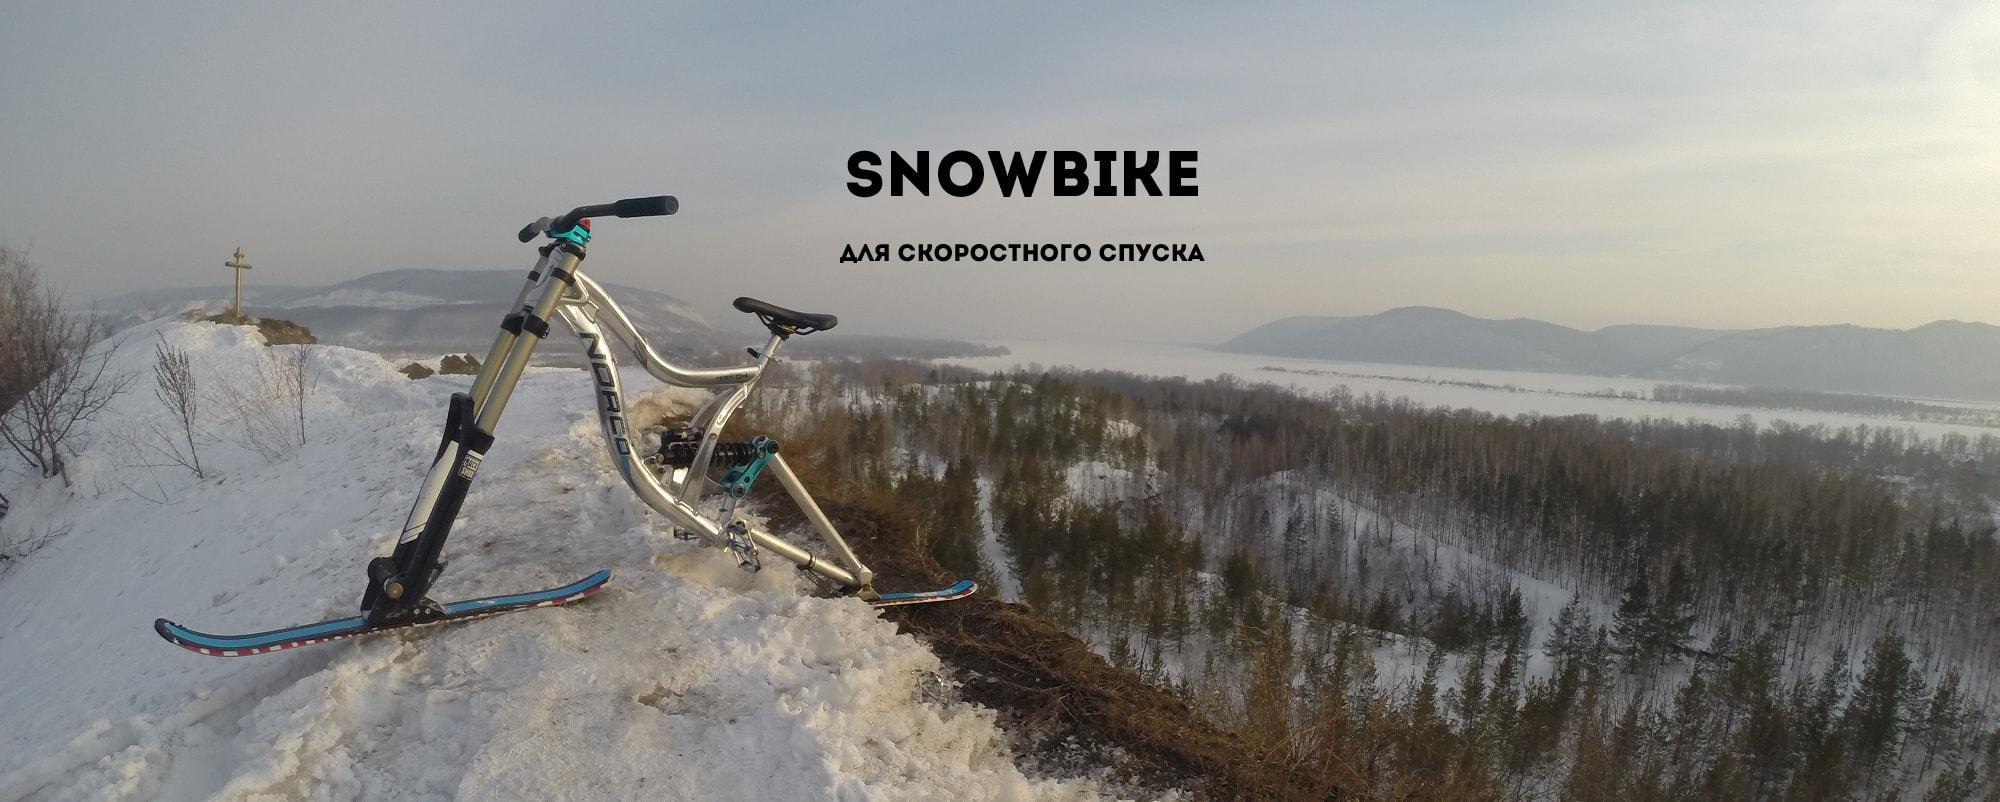 Snowbike_1